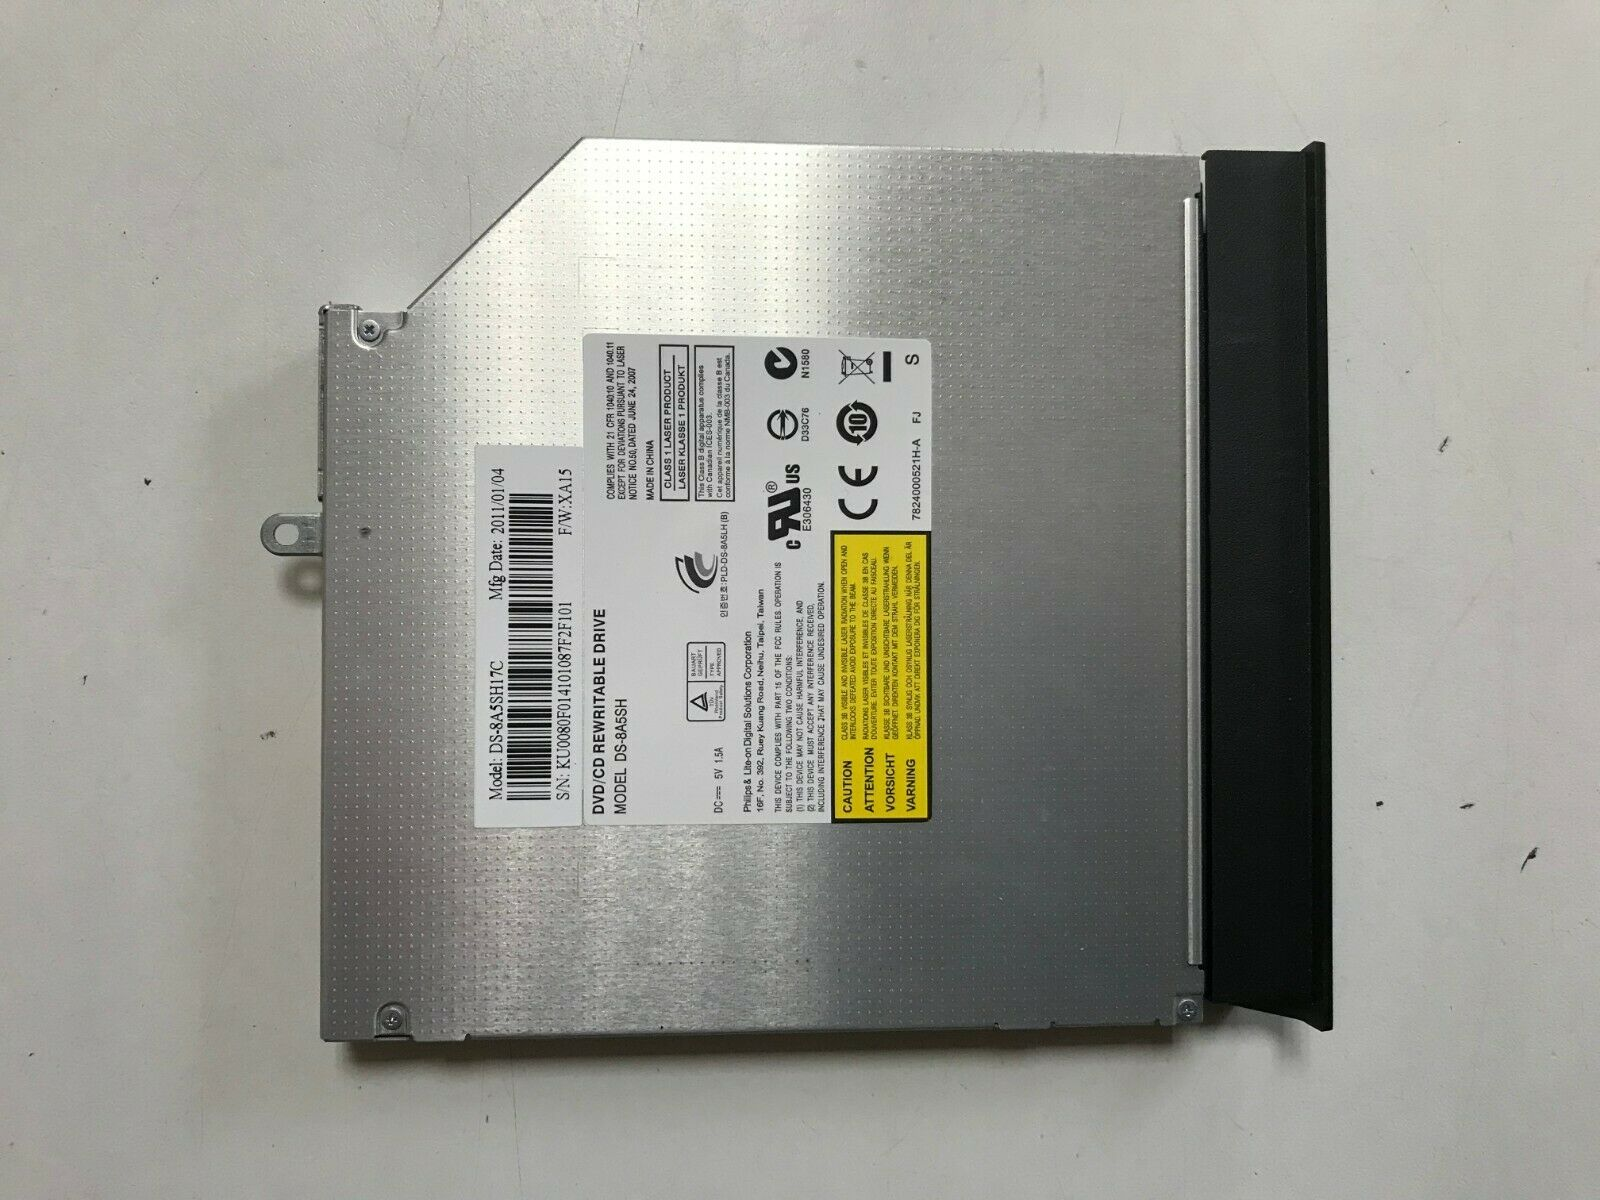 Lecteur cd dvd graveur pour ordinateur portable packard bell - easynote ms2291